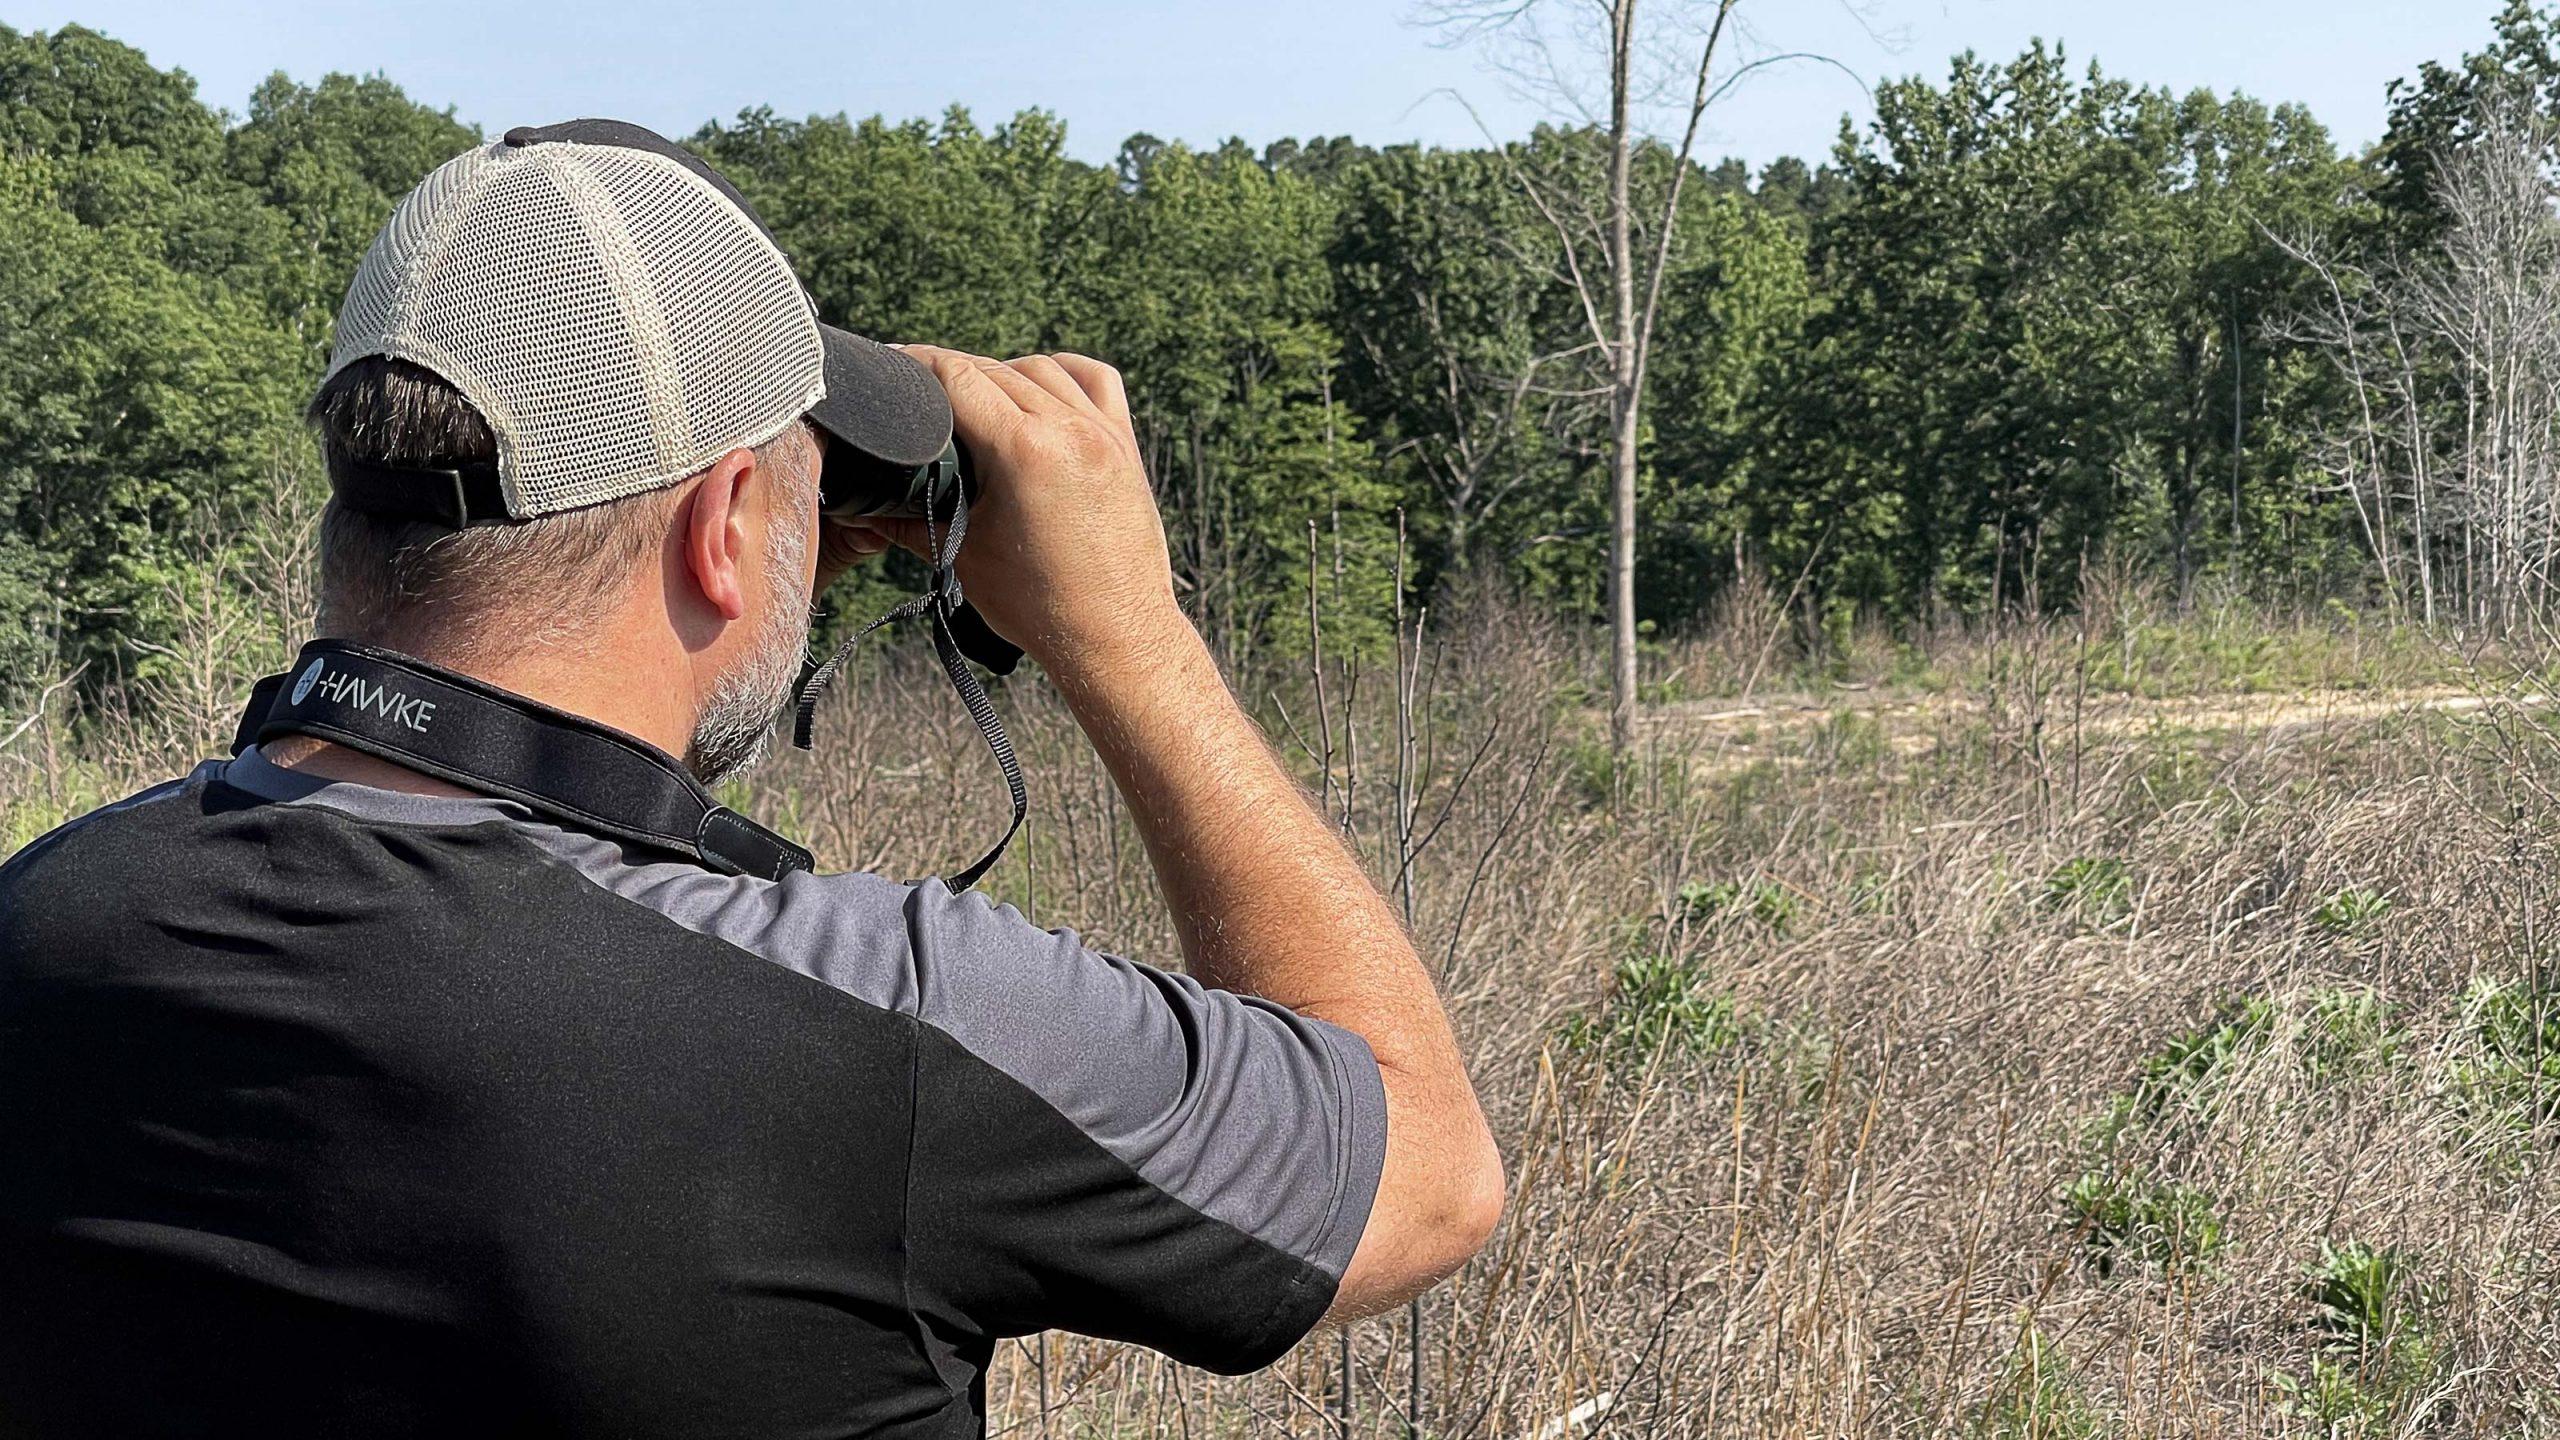 Preparing for Hunting Season